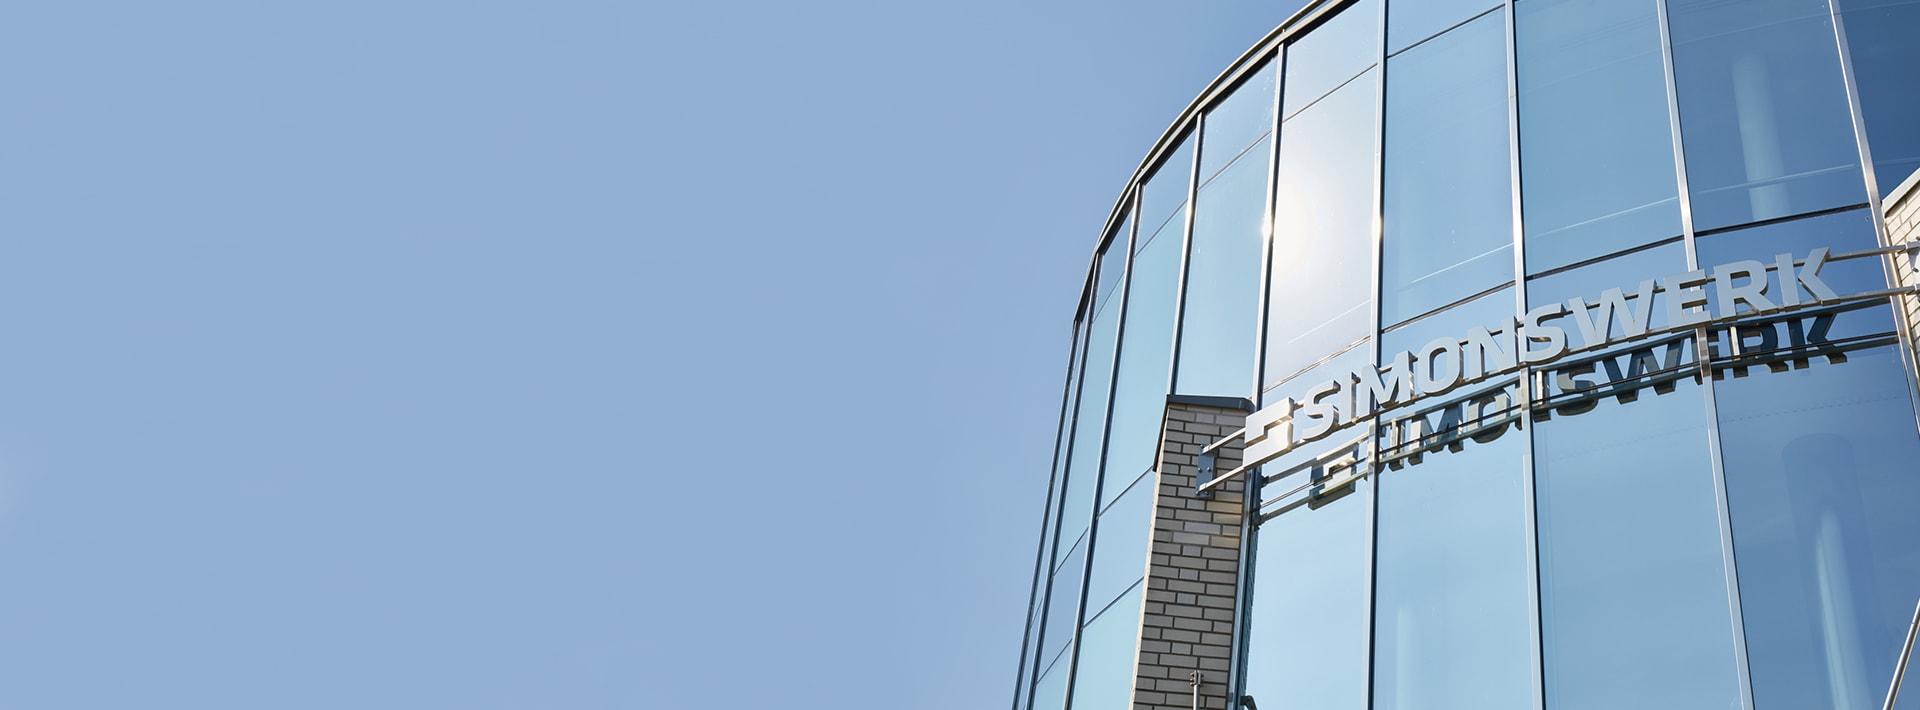 Reprise du groupe Colcom, auquel appartient Sadev, par l'allemand Simonswerk GmbH